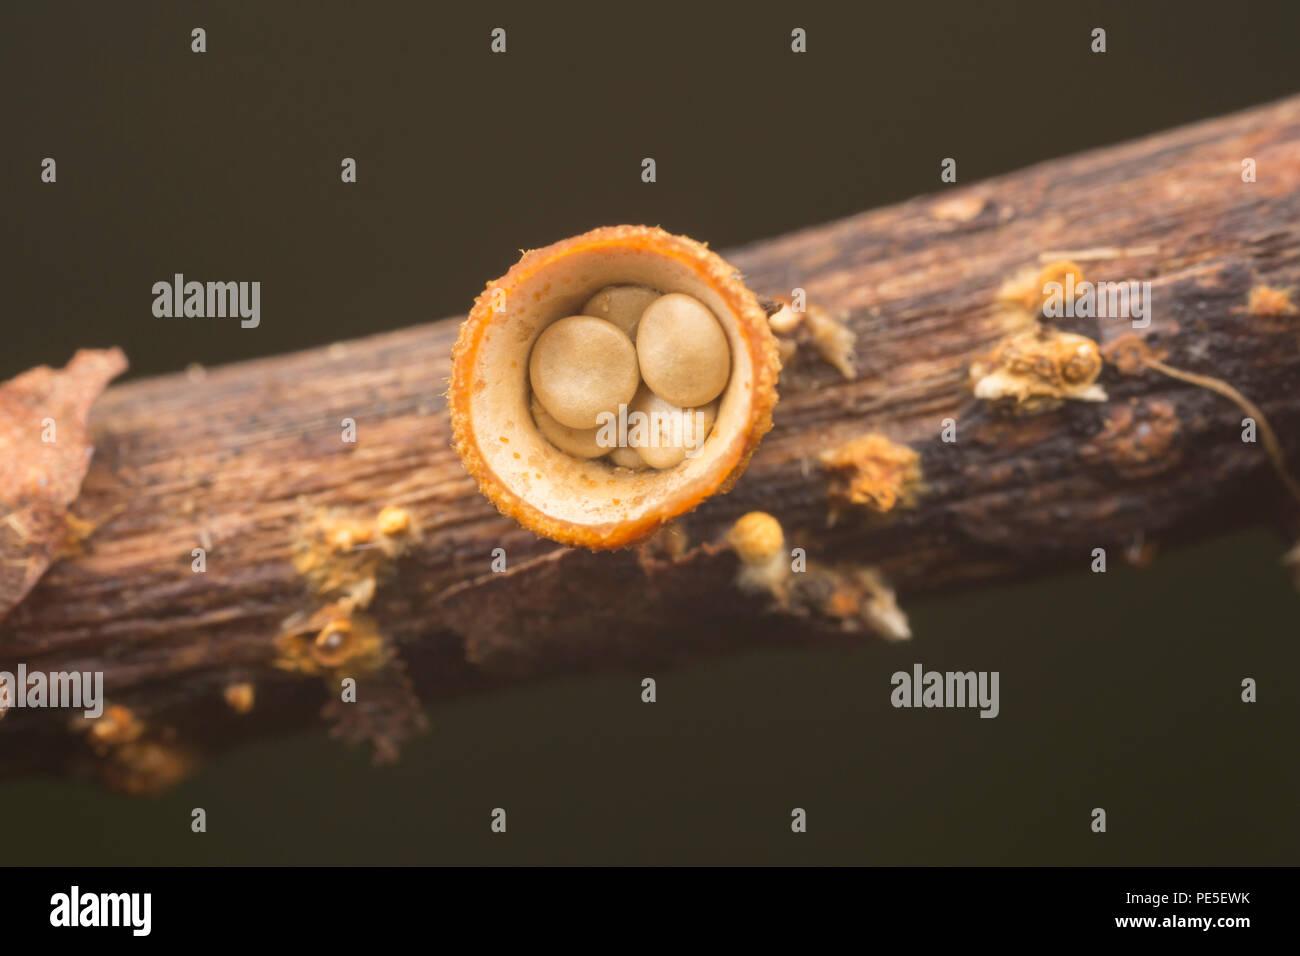 White Bird's Nest Fungus (Crucibulum laeve) fruiting bodies with egg-shaped peridioles inside the 'nest'. - Stock Image